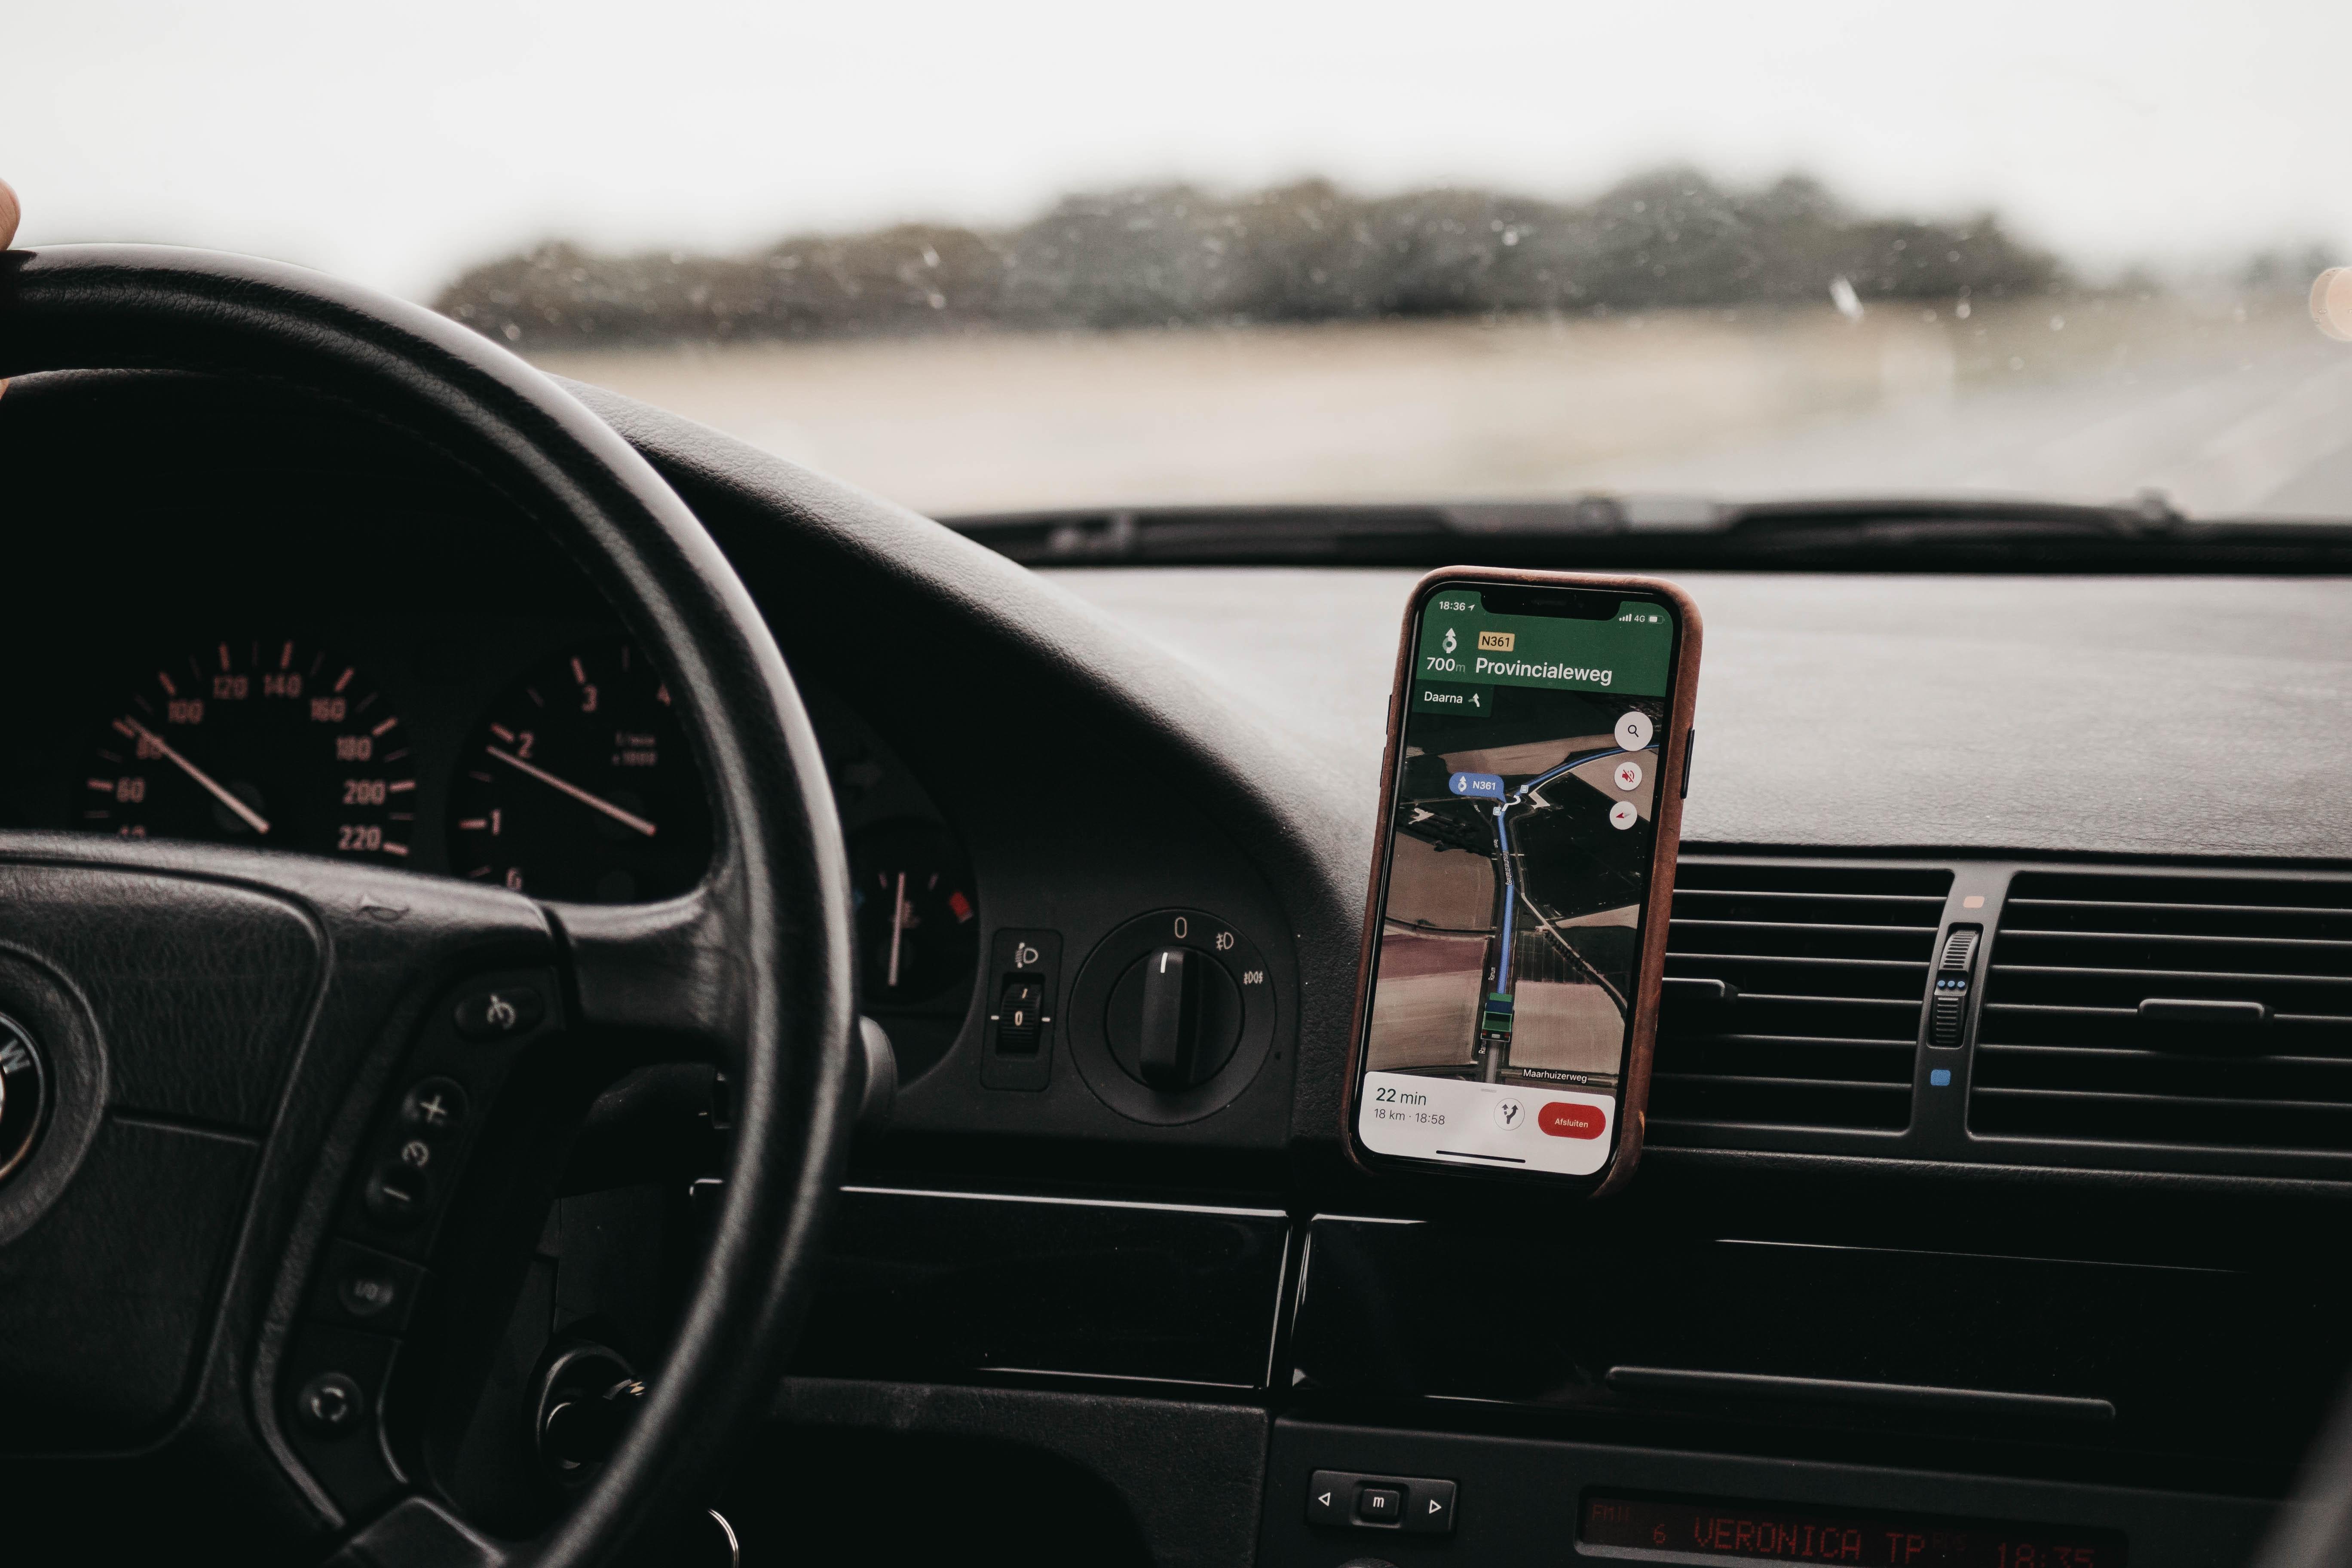 Google Maps neemt wederom een handige feature van Waze over - Want